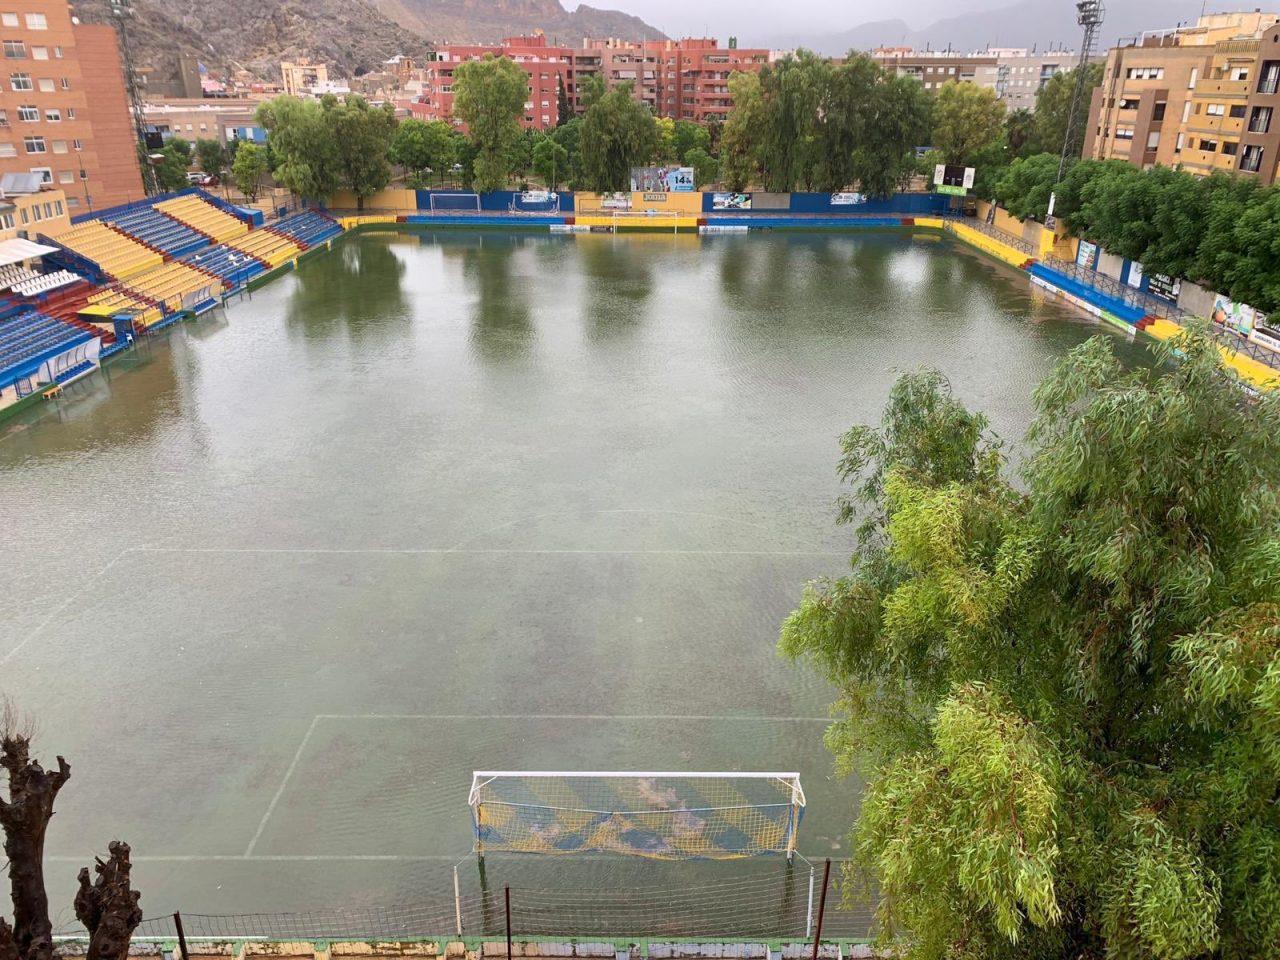 Riegan un campo de fútbol en Orihuela horas después del diluvio